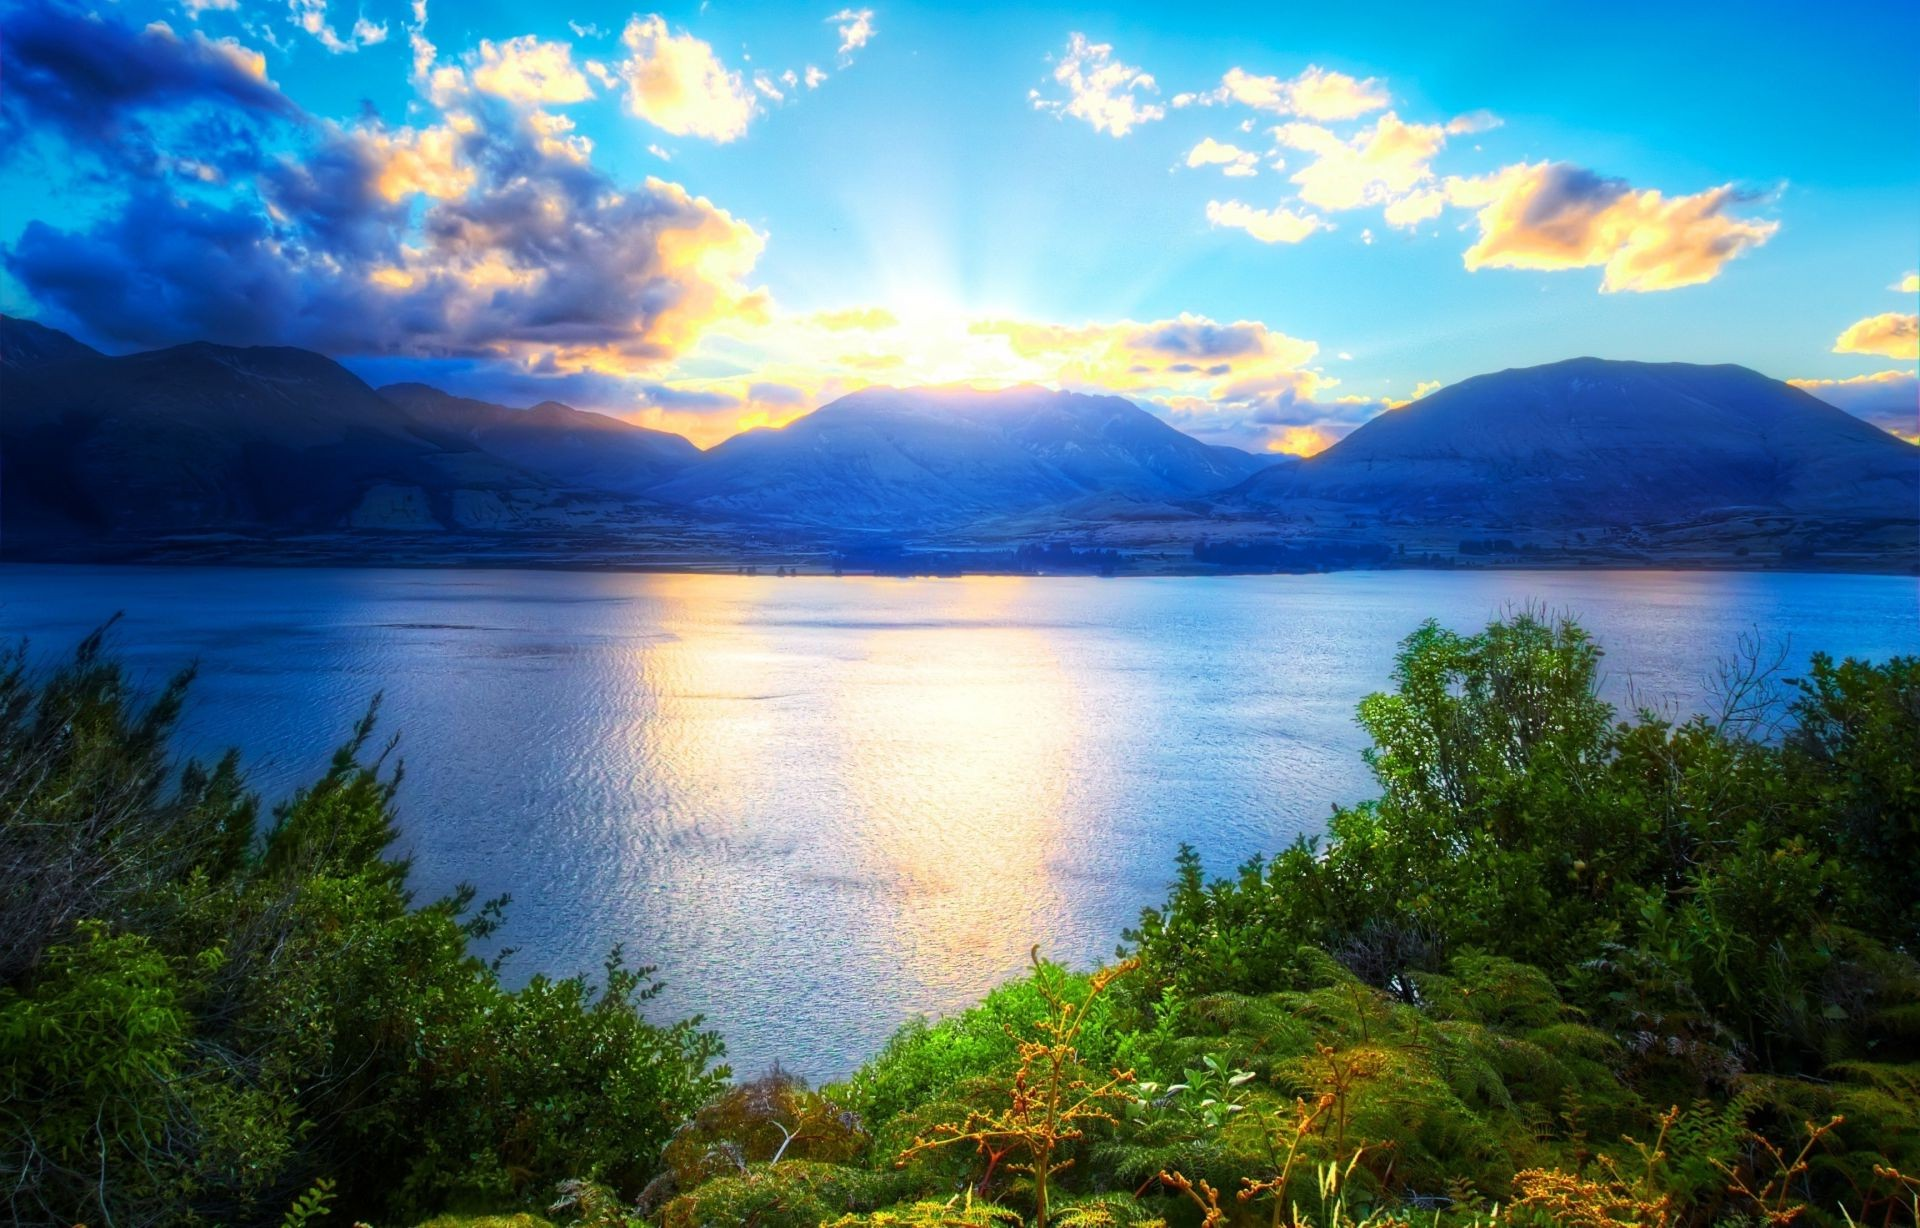 горы рассвет деревья вода  № 3850810 бесплатно